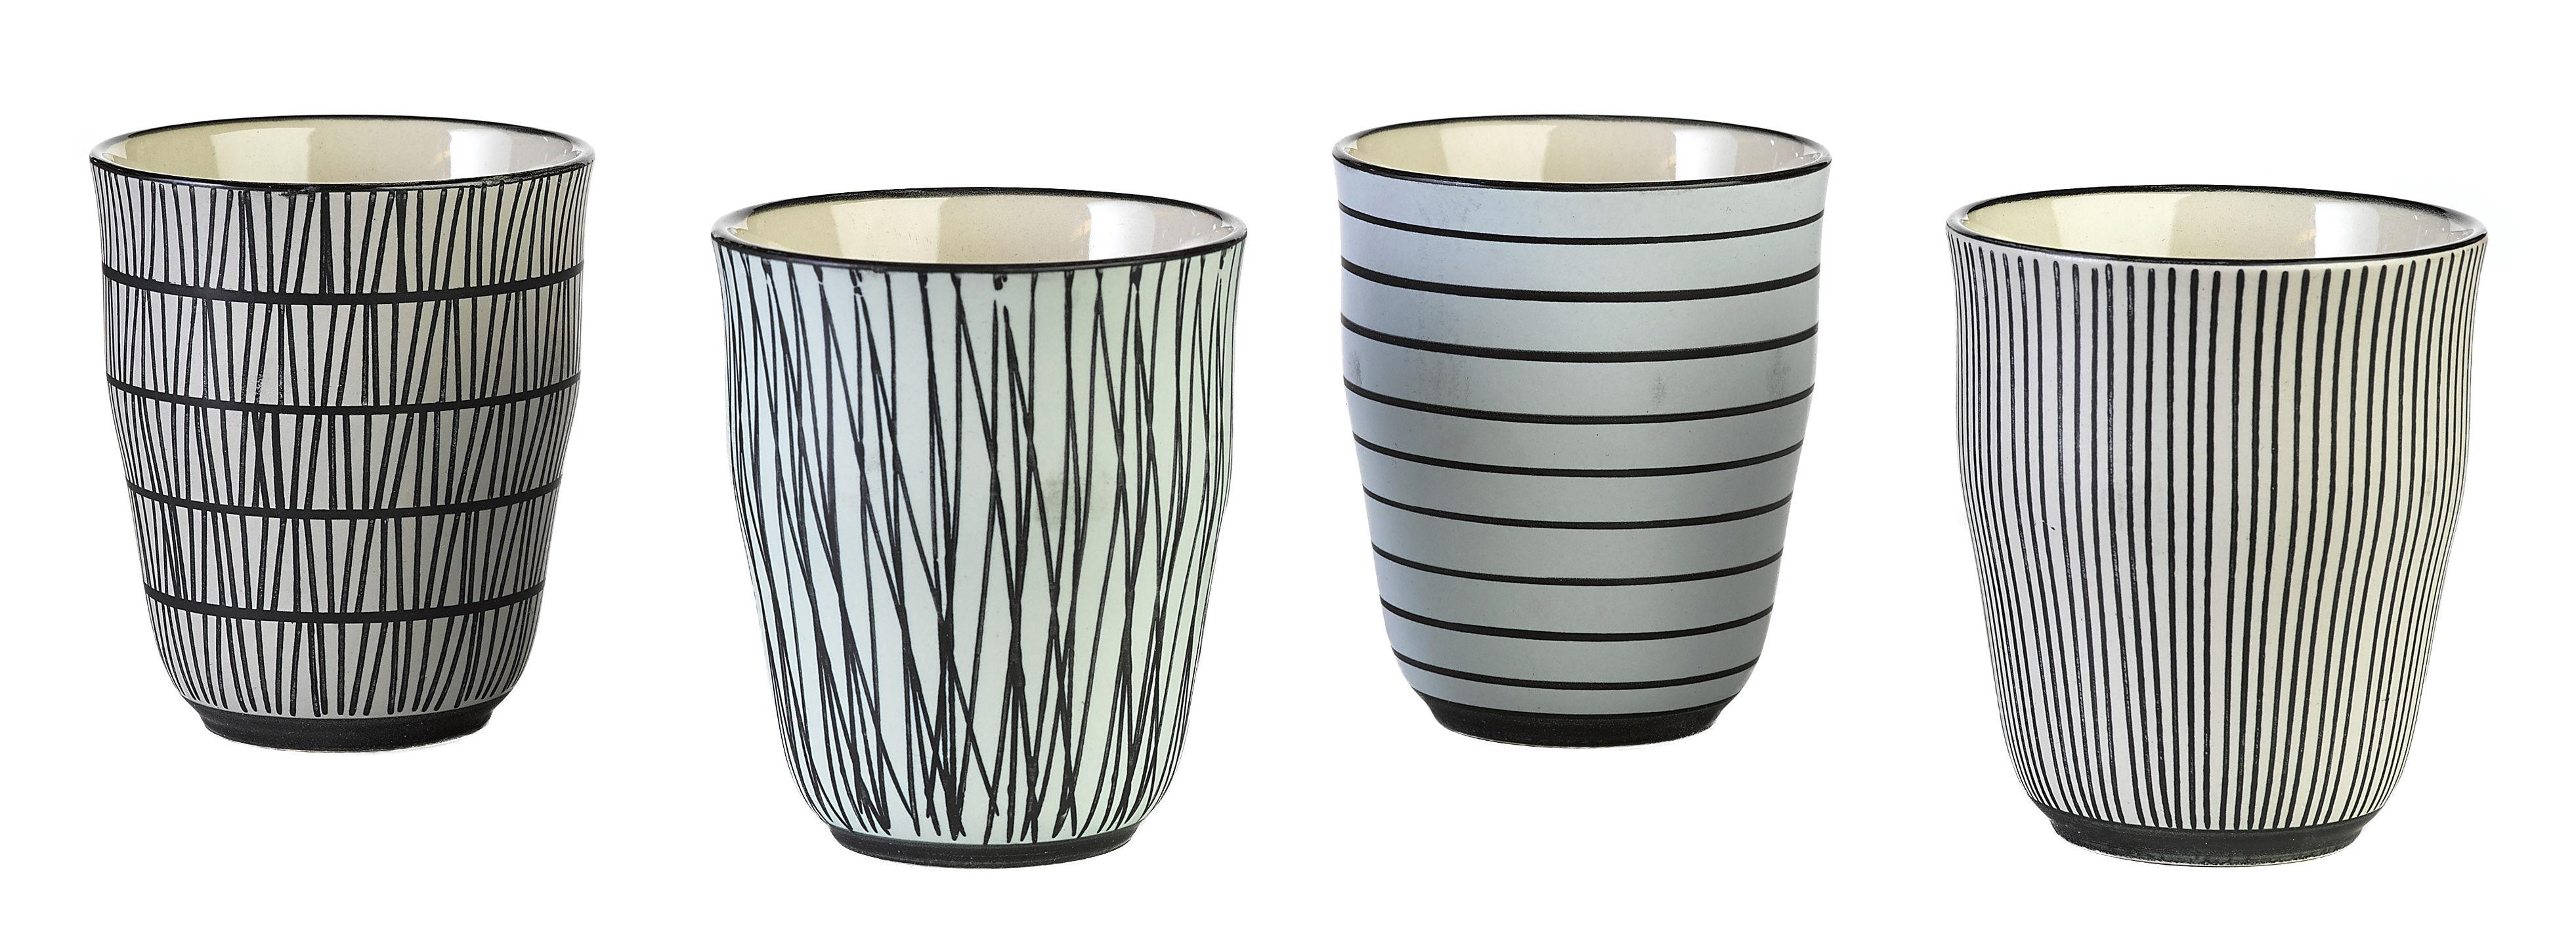 Arts de la table - Tasses et mugs - Tasse Pastel Afresh / Set de 4 - Peint à la main - Pols Potten - Noir & blanc - Porcelaine émaillée